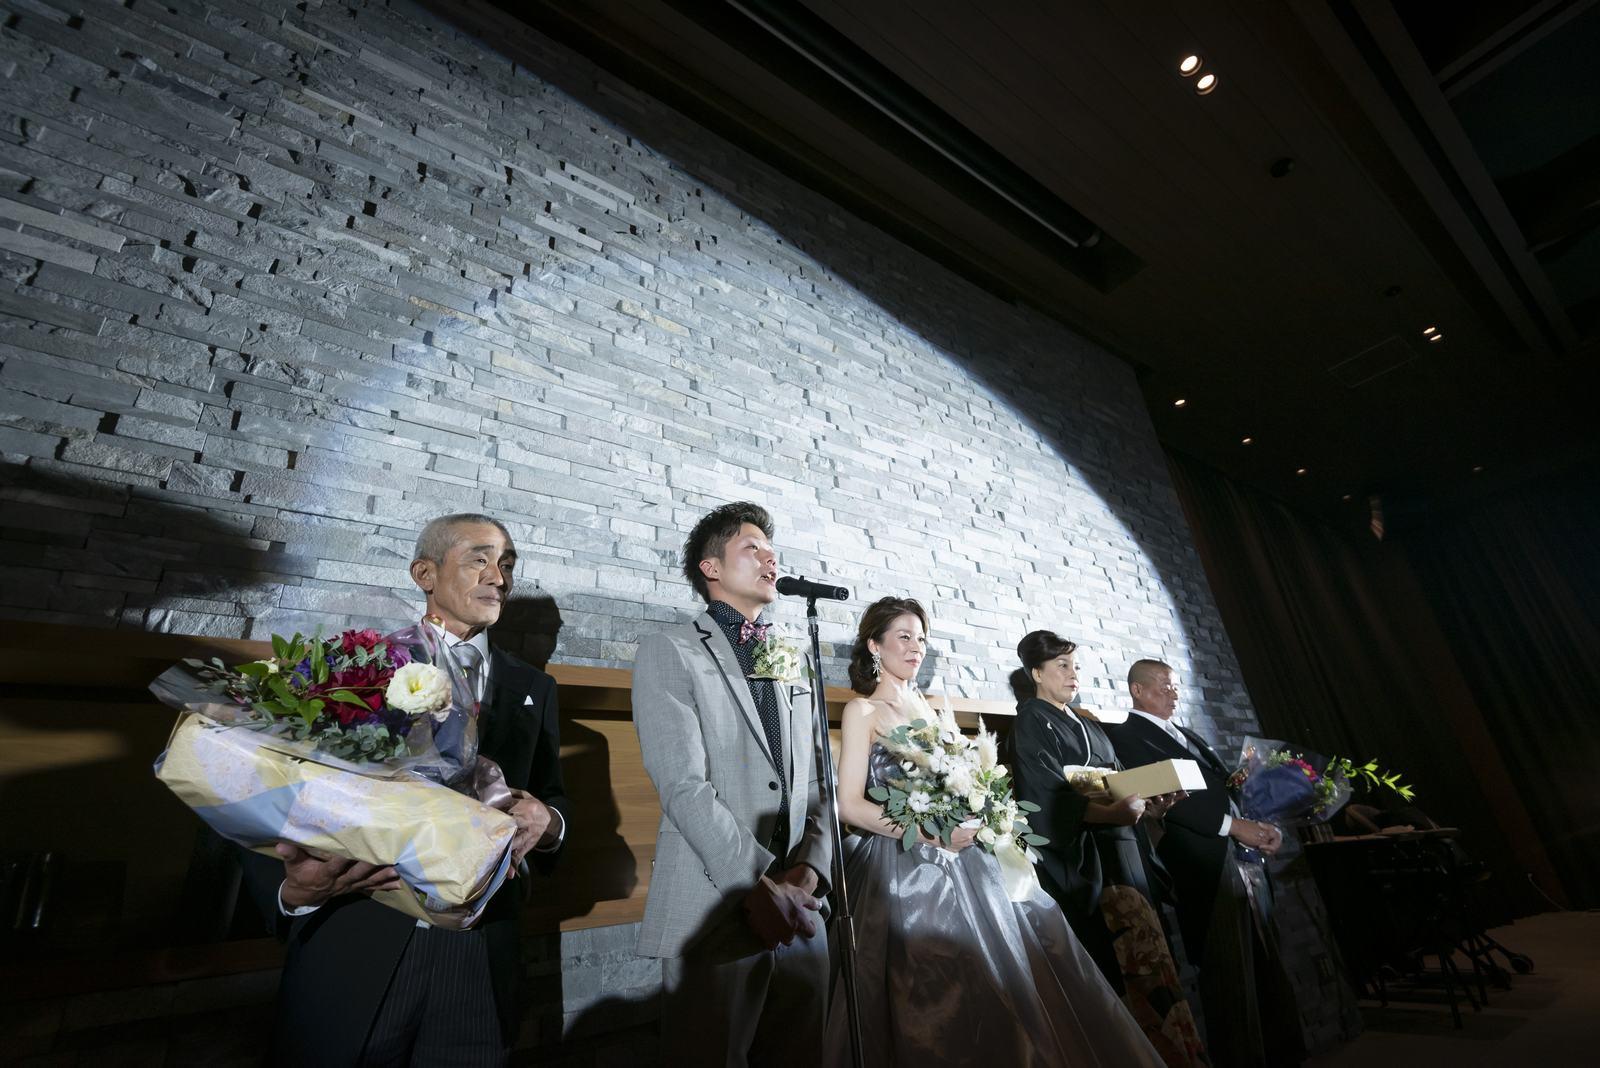 香川県高松市の結婚式場アナザースタイルの挙式レポート香川県高松市の結婚式場アナザースタイルの挙式レポート